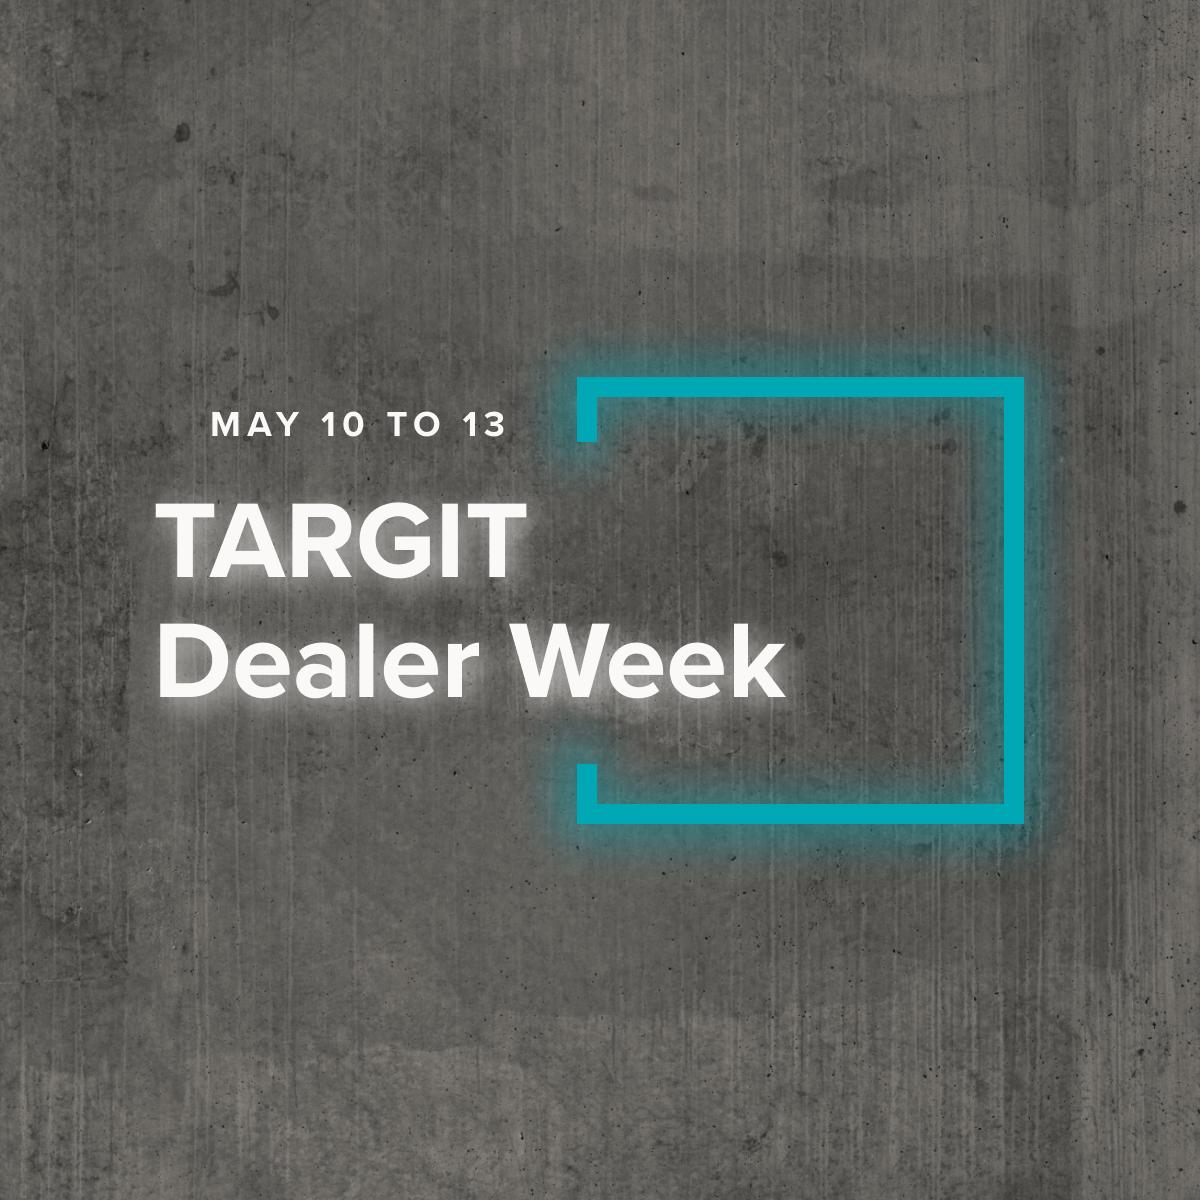 TARGIT Dealer Week